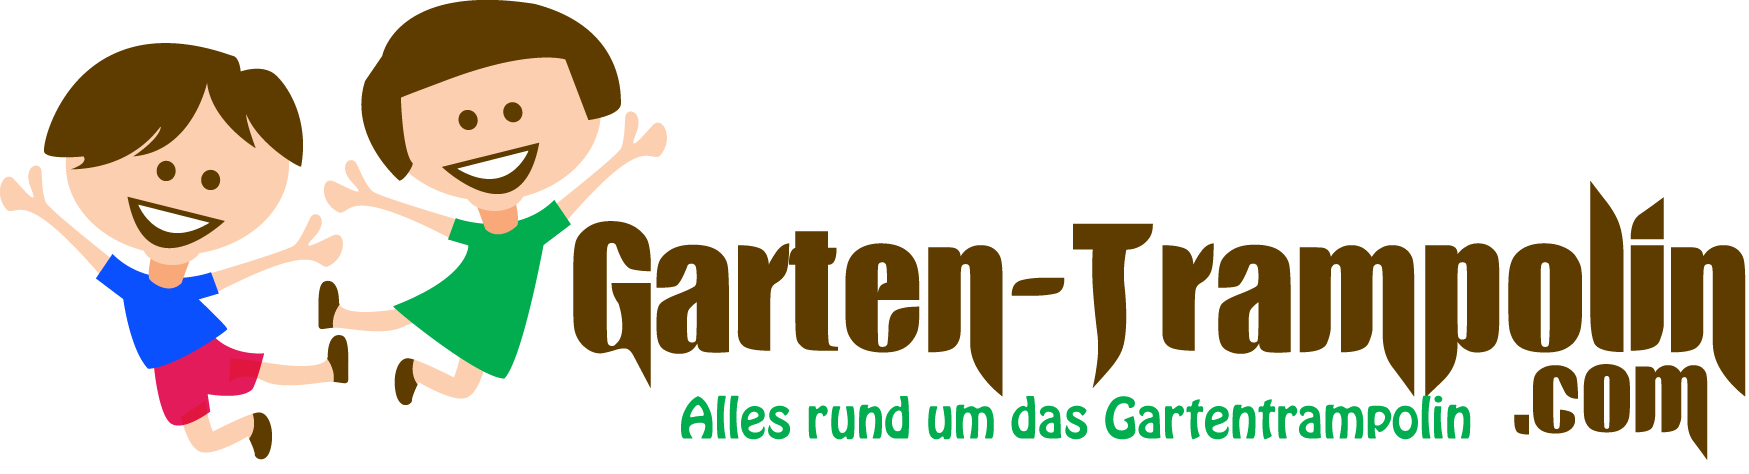 garten-trampolin.com header